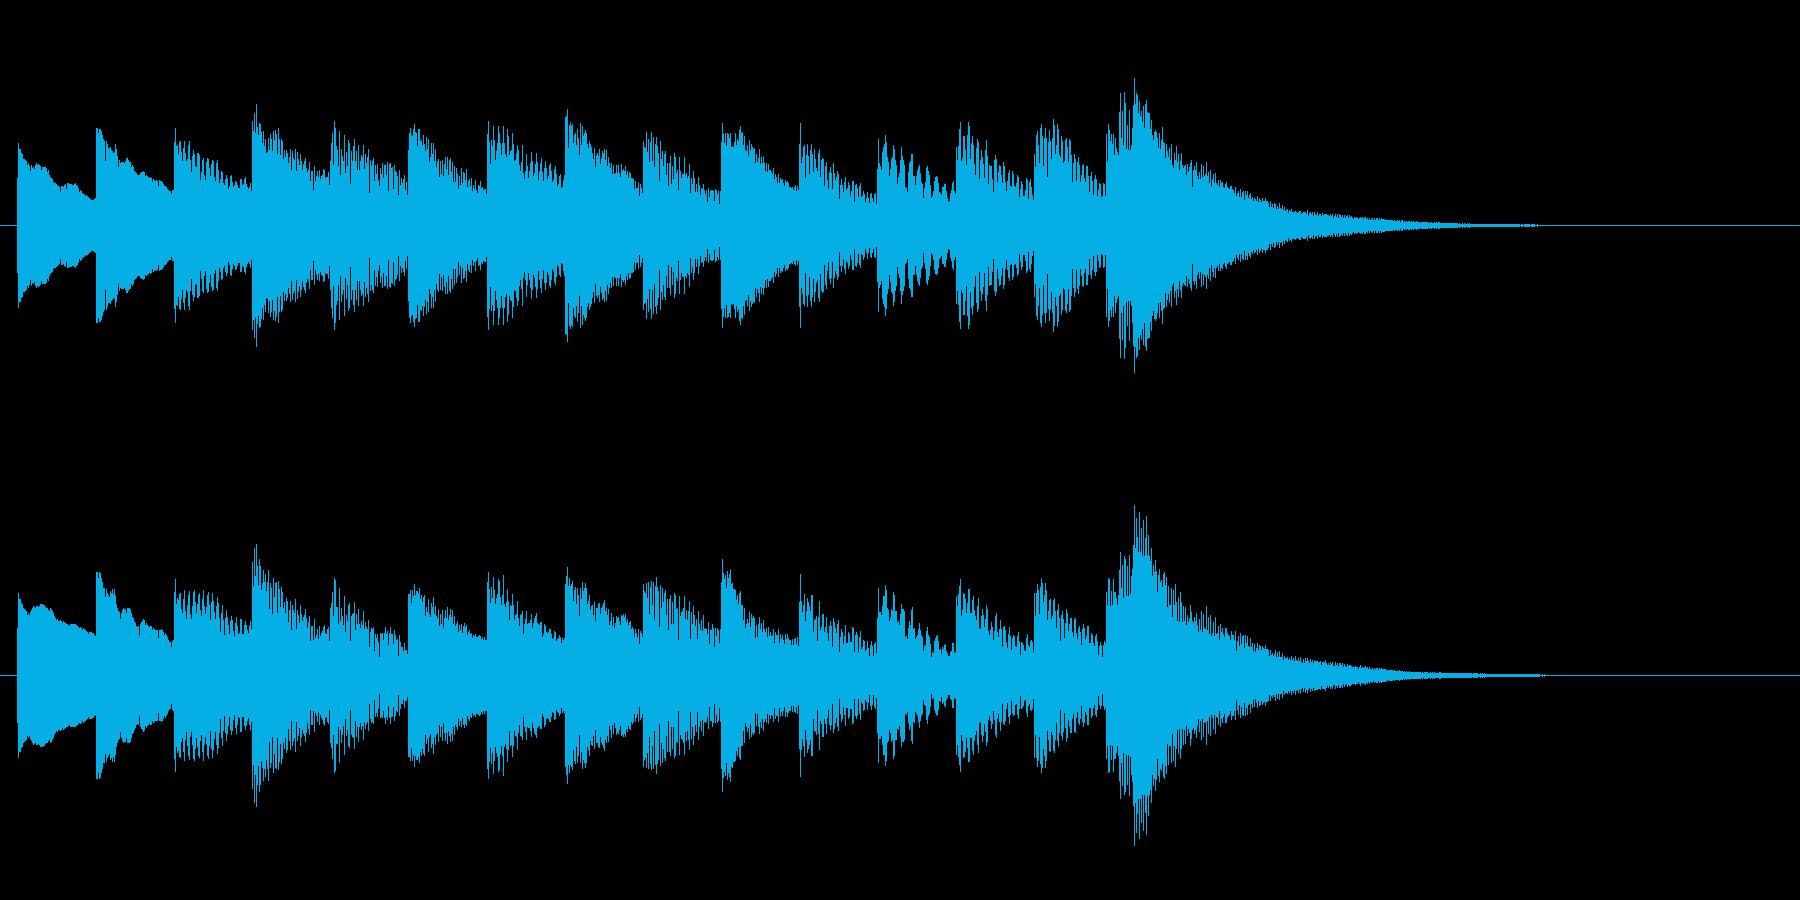 ほのぼのとした雰囲気のワンフレーズの再生済みの波形